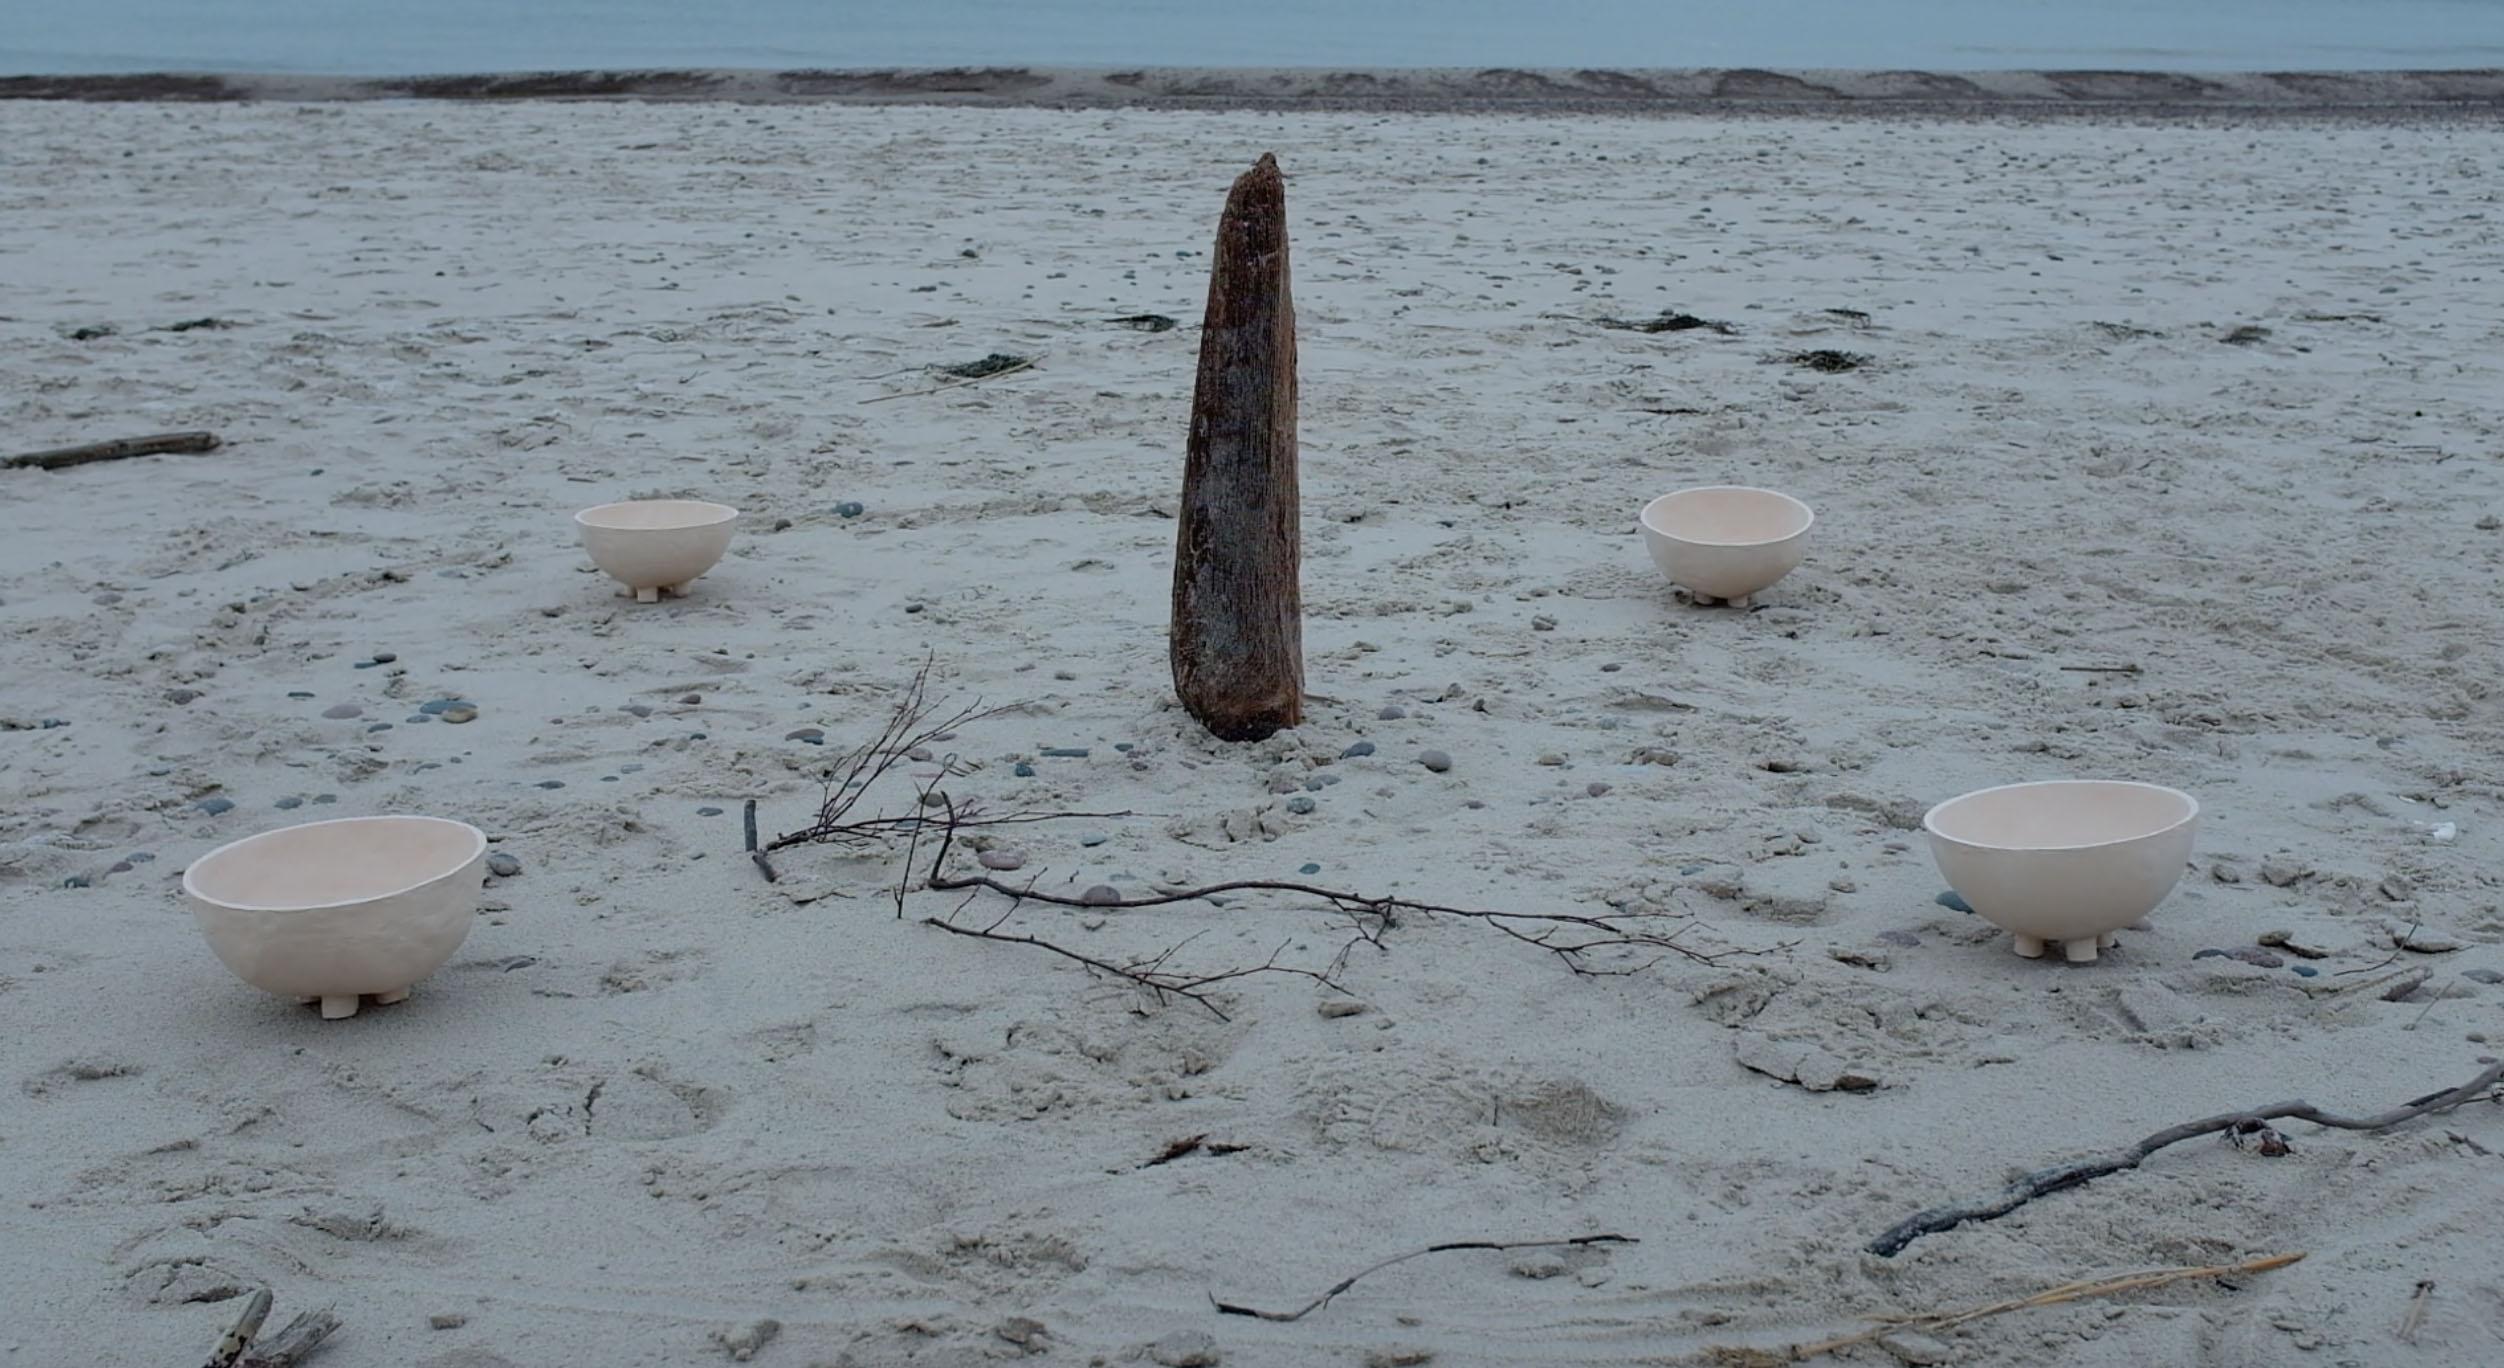 Mare vanitas. O przemijaniu Morza Bałtyckiego. Wernisaż online